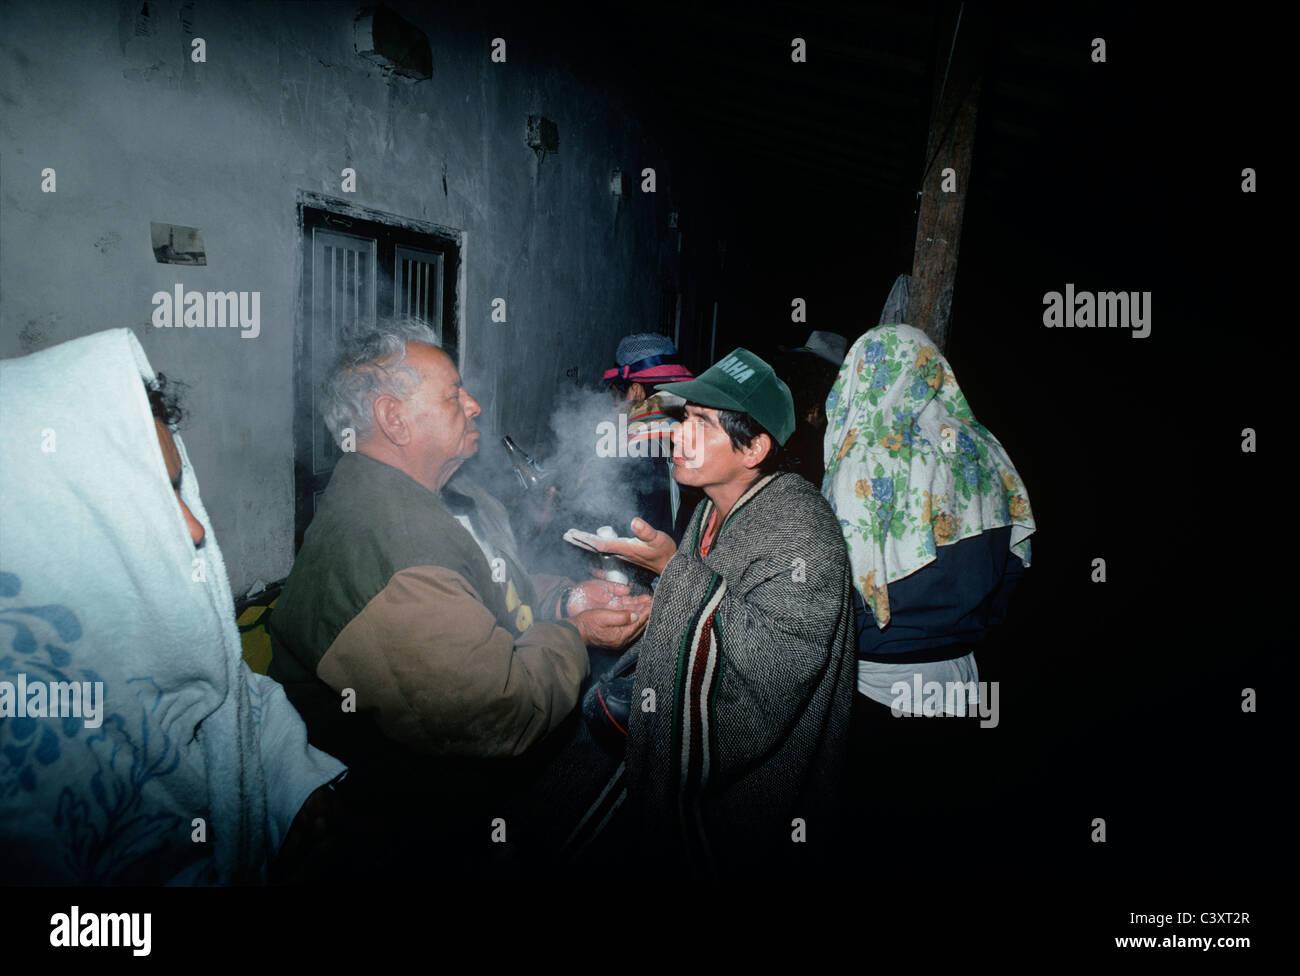 Curandero folklórica peruana (curandero) soplado un místico polvo blanco en la cara de un hombre deseoso de limpieza Foto de stock